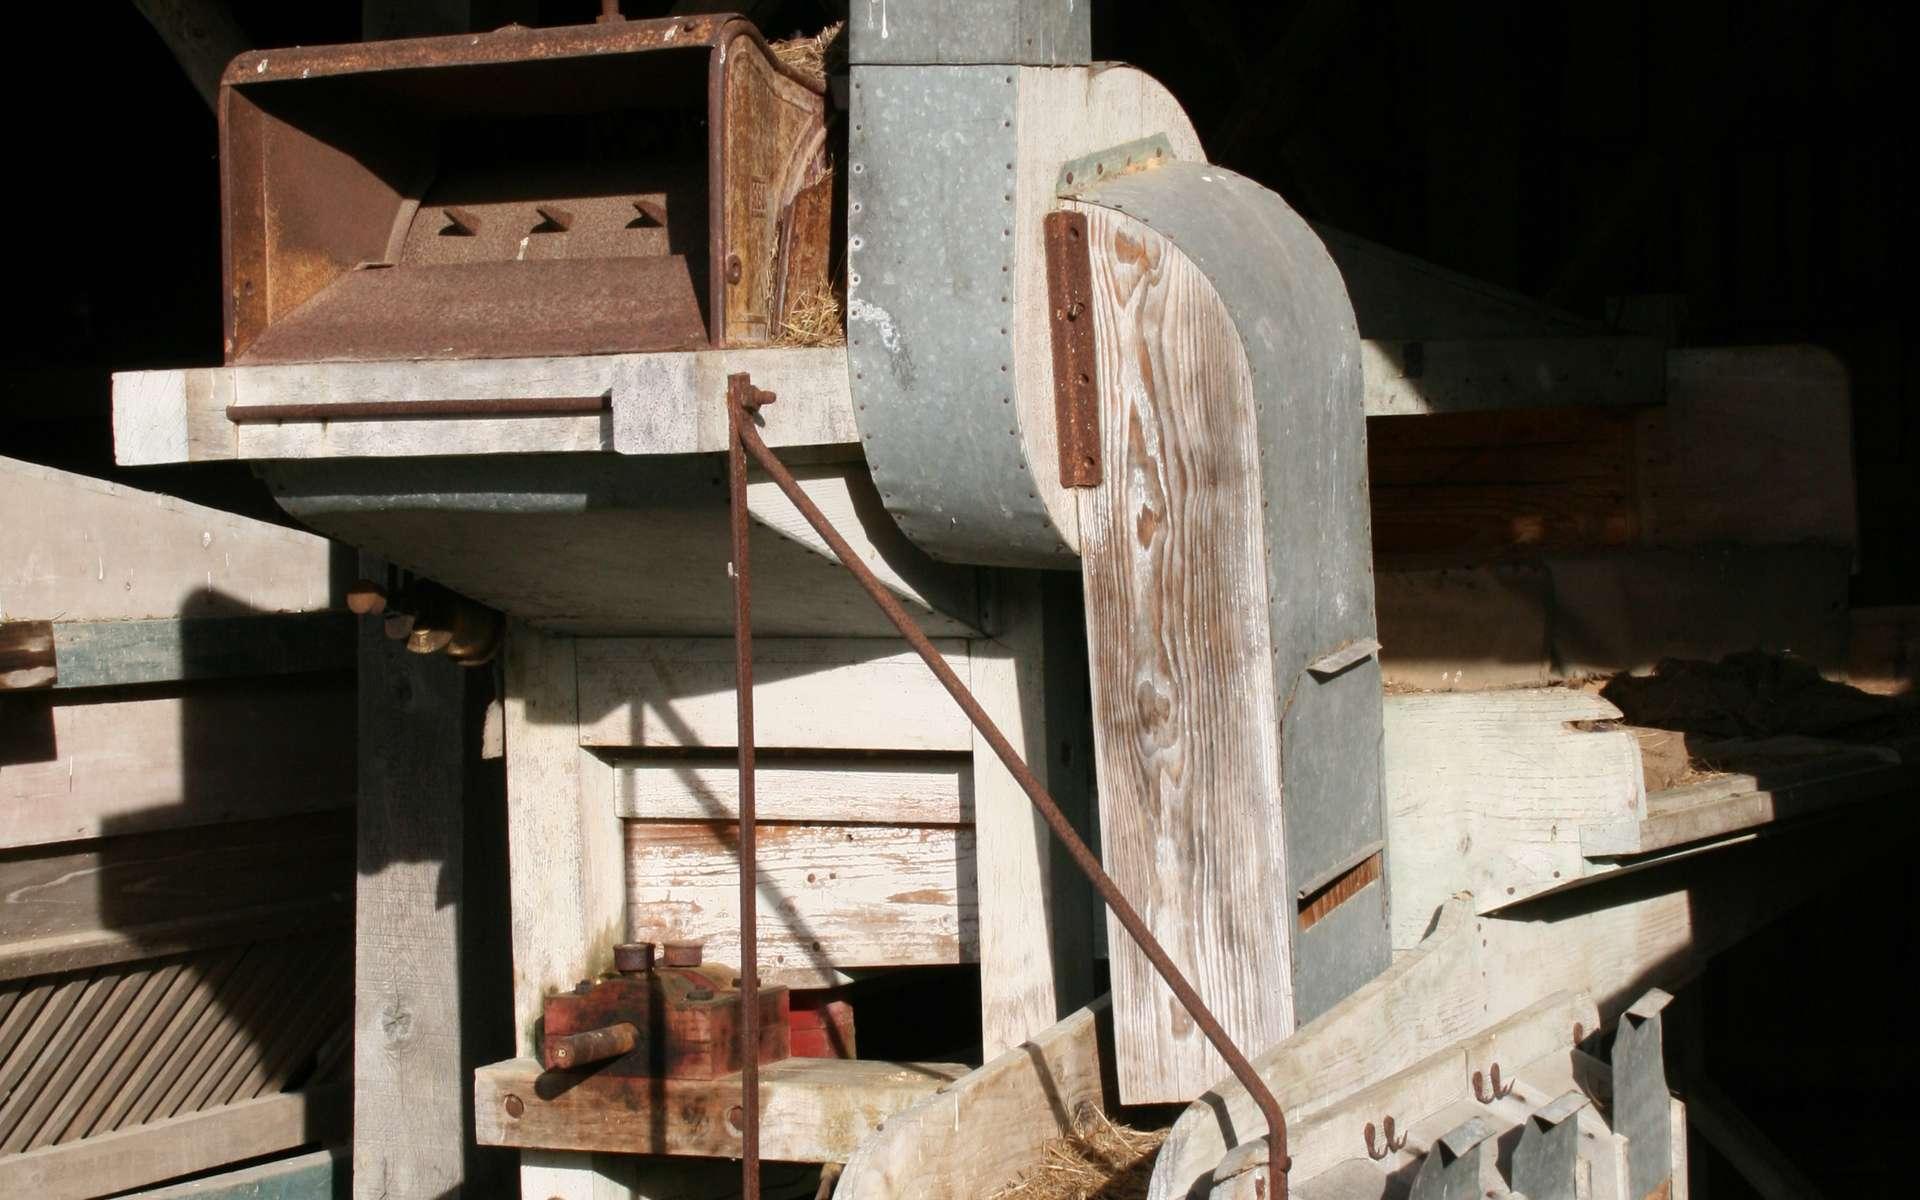 La batteuse d'Andrew Meikle révolutionne l'agriculture. La batteuse permet de séparer les grains de la paille. © Jean-Pol GRANDMONT, CC BY 3.0, Wikimedia Commons